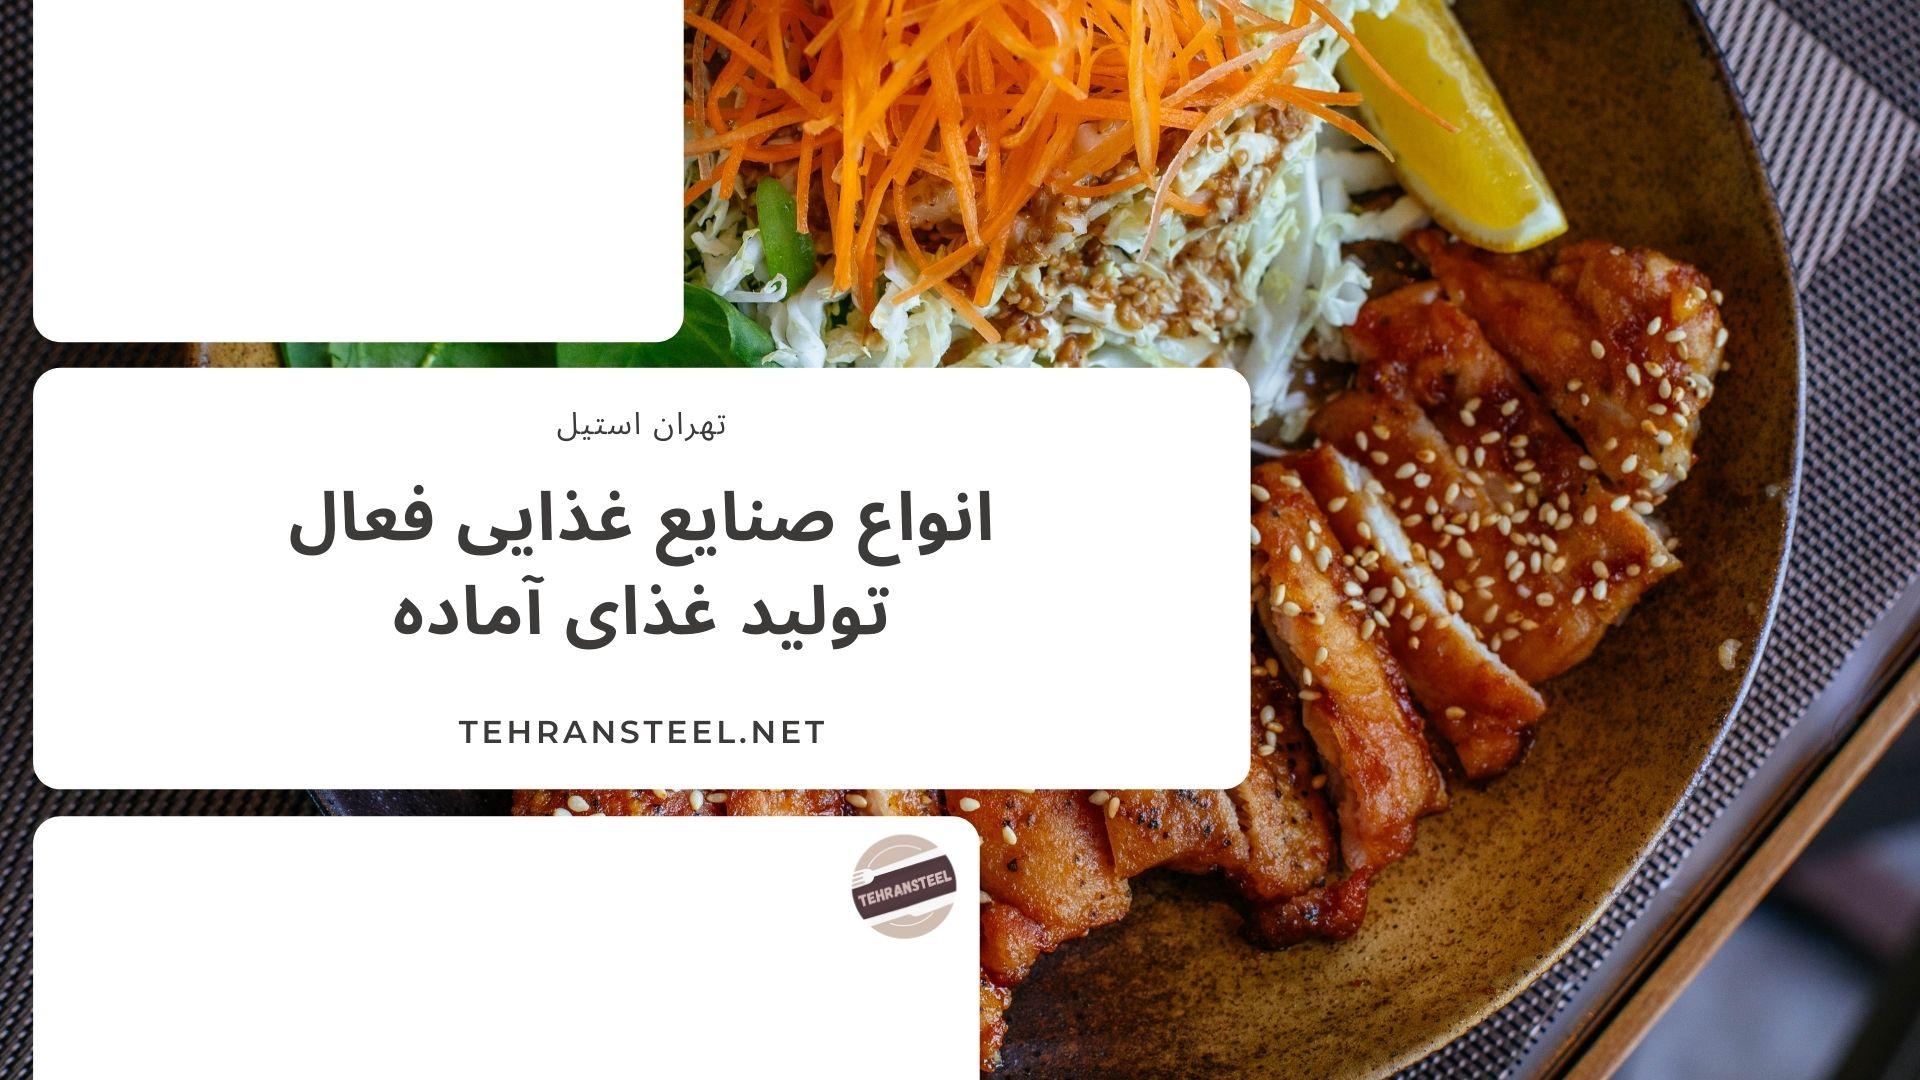 انواع صنایع غذایی فعال تولید غذای آماده